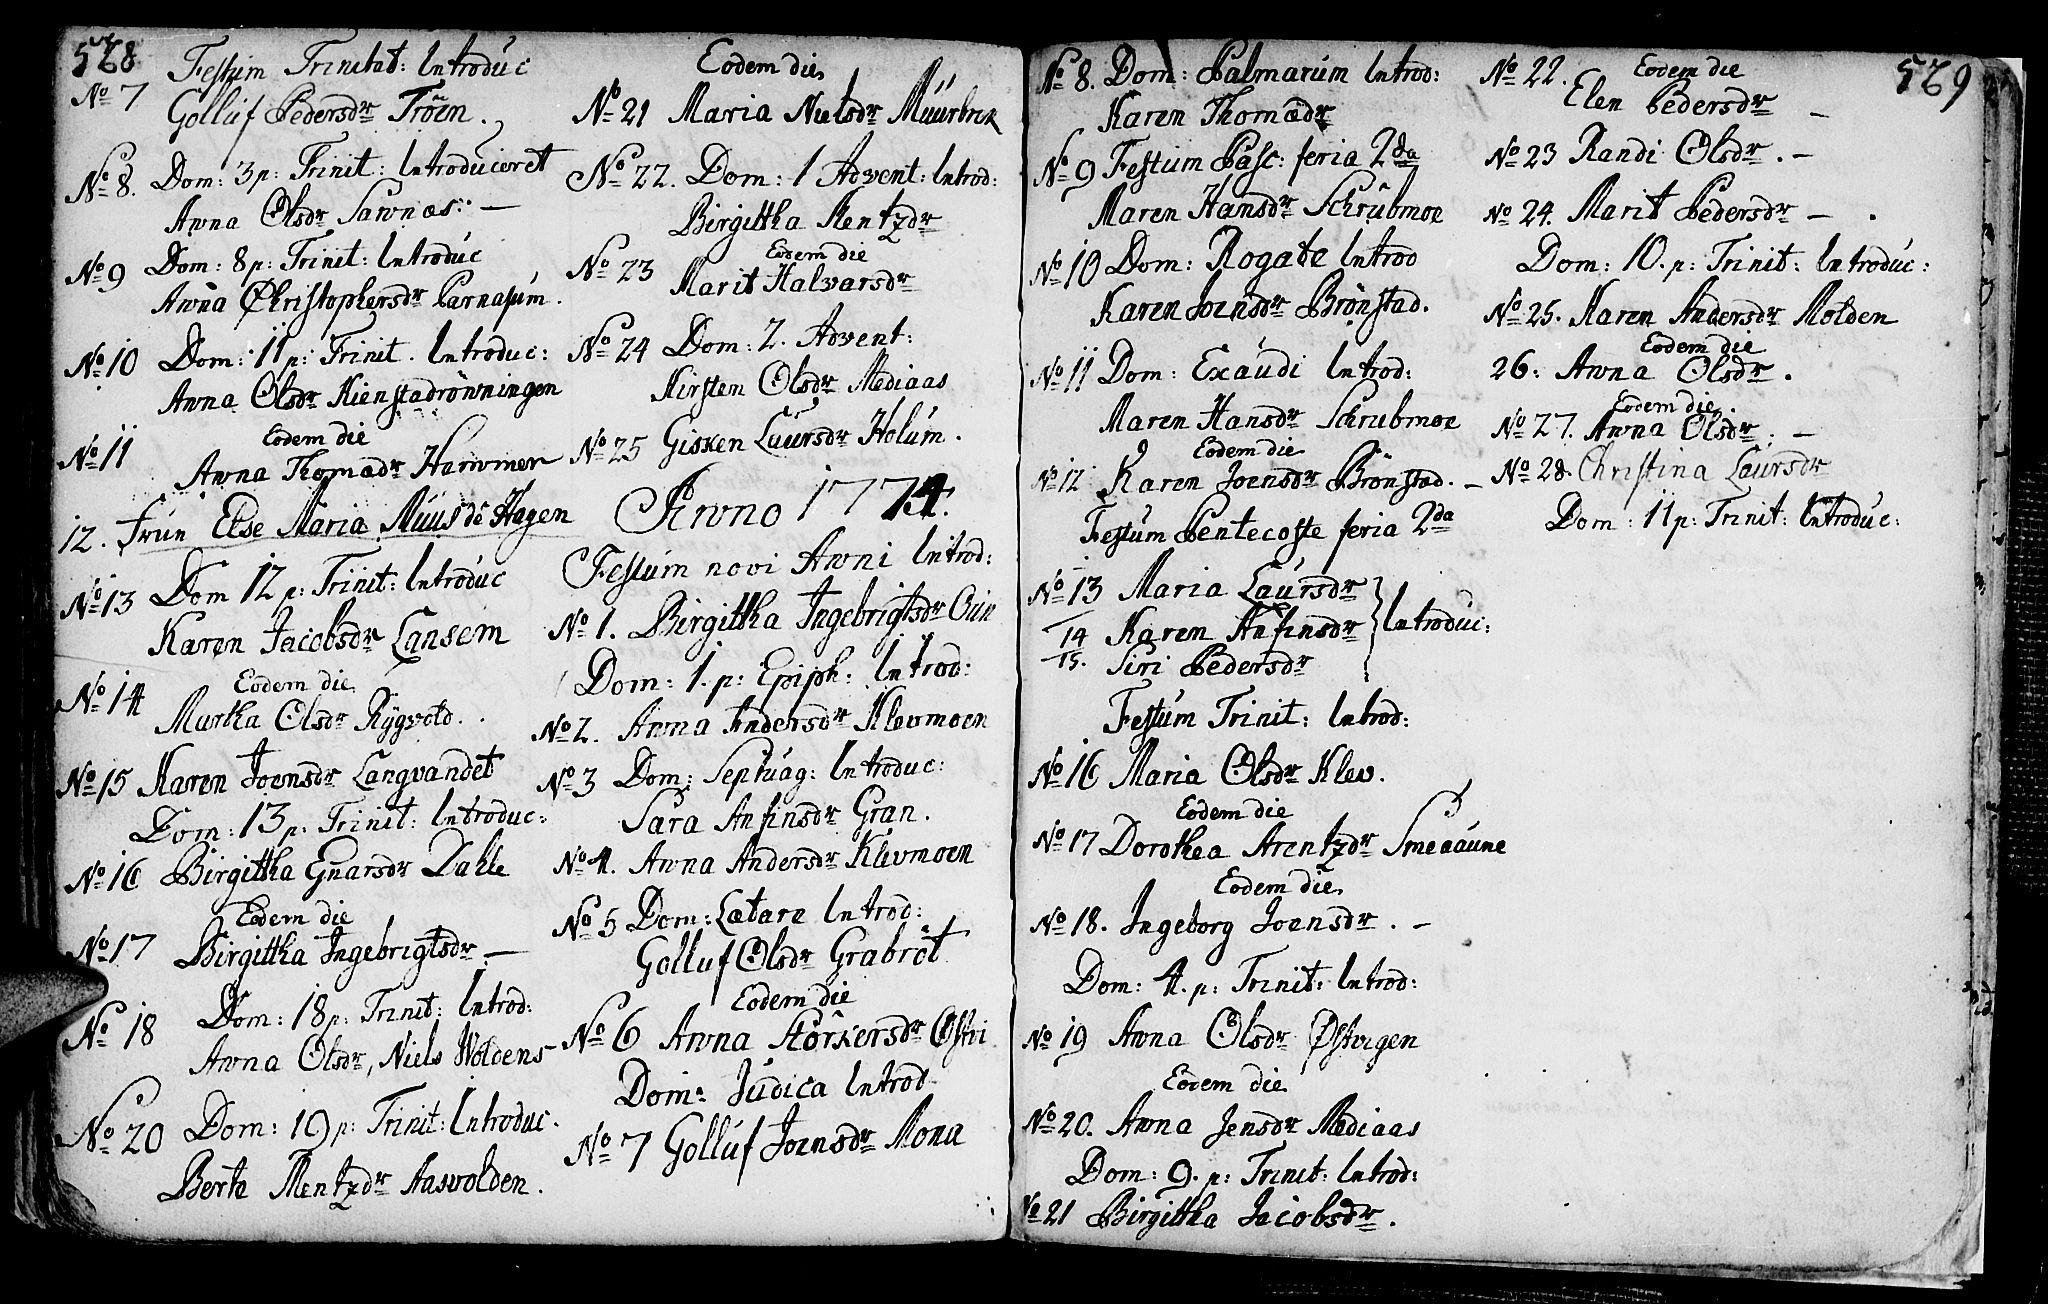 SAT, Ministerialprotokoller, klokkerbøker og fødselsregistre - Nord-Trøndelag, 749/L0467: Ministerialbok nr. 749A01, 1733-1787, s. 528-529